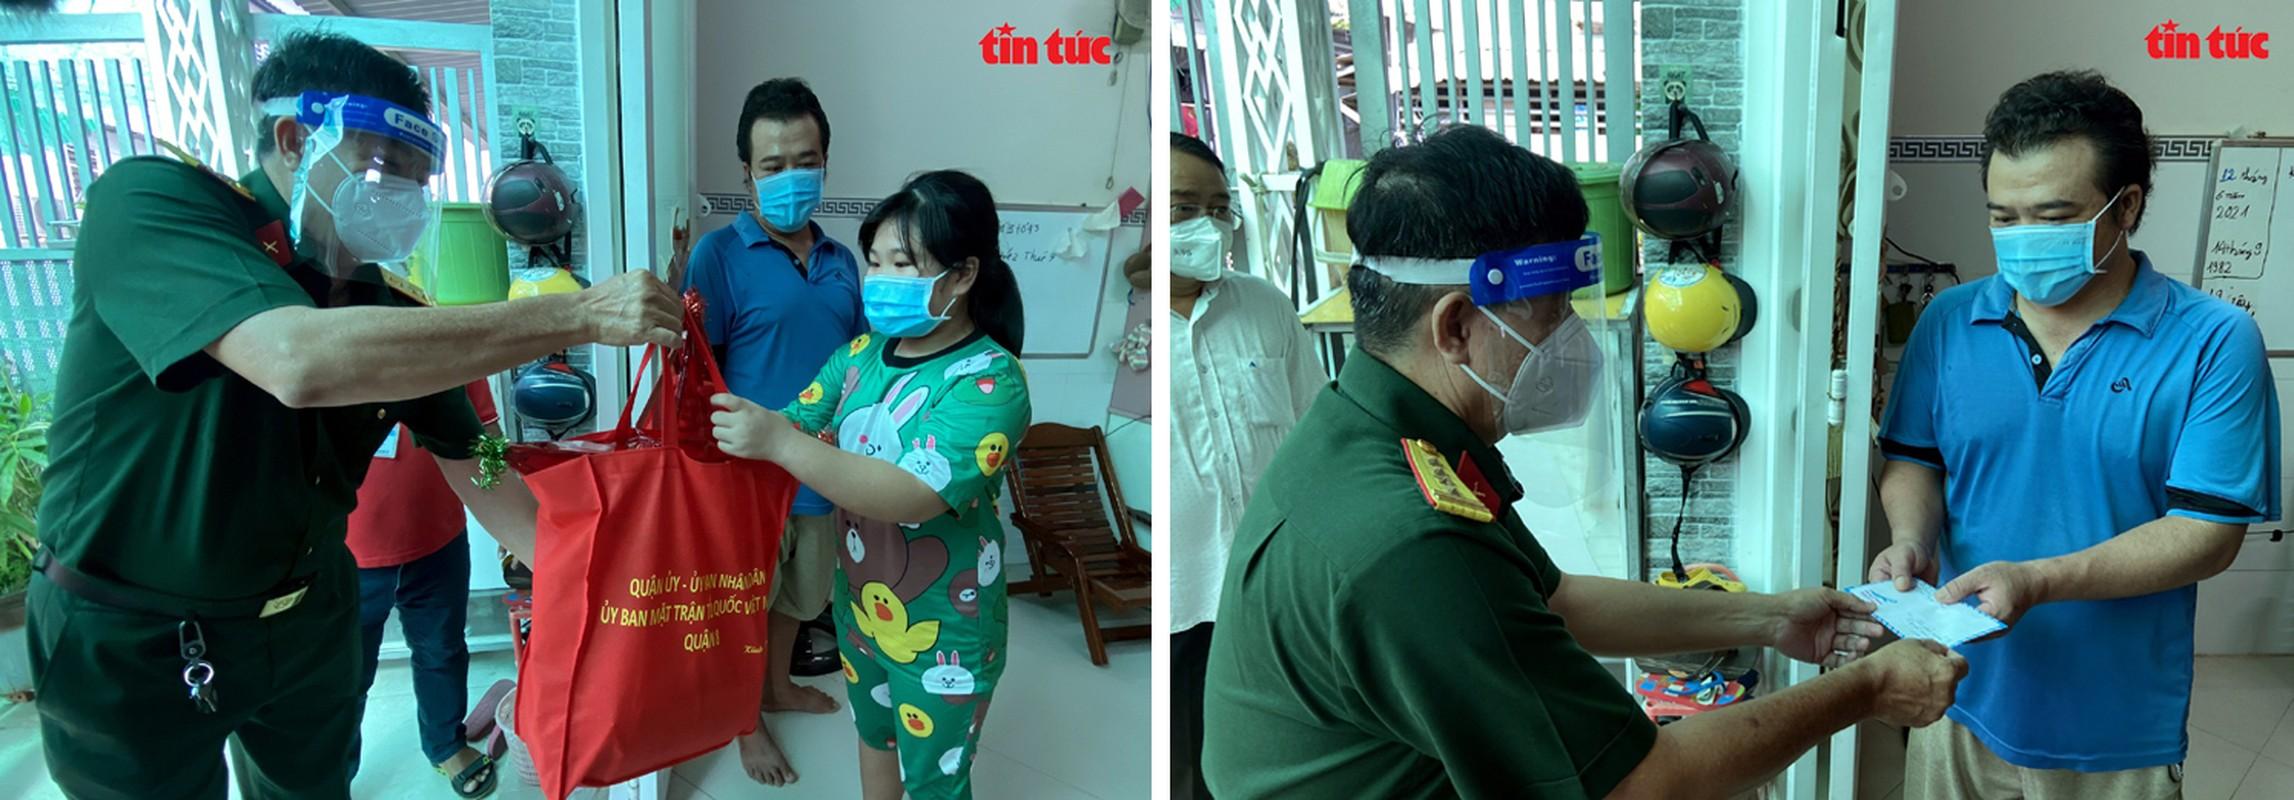 Thu truong Nguyen Truong Son tang qua Trung thu cho cac thieu nhi mo coi do dich COVID-19-Hinh-2